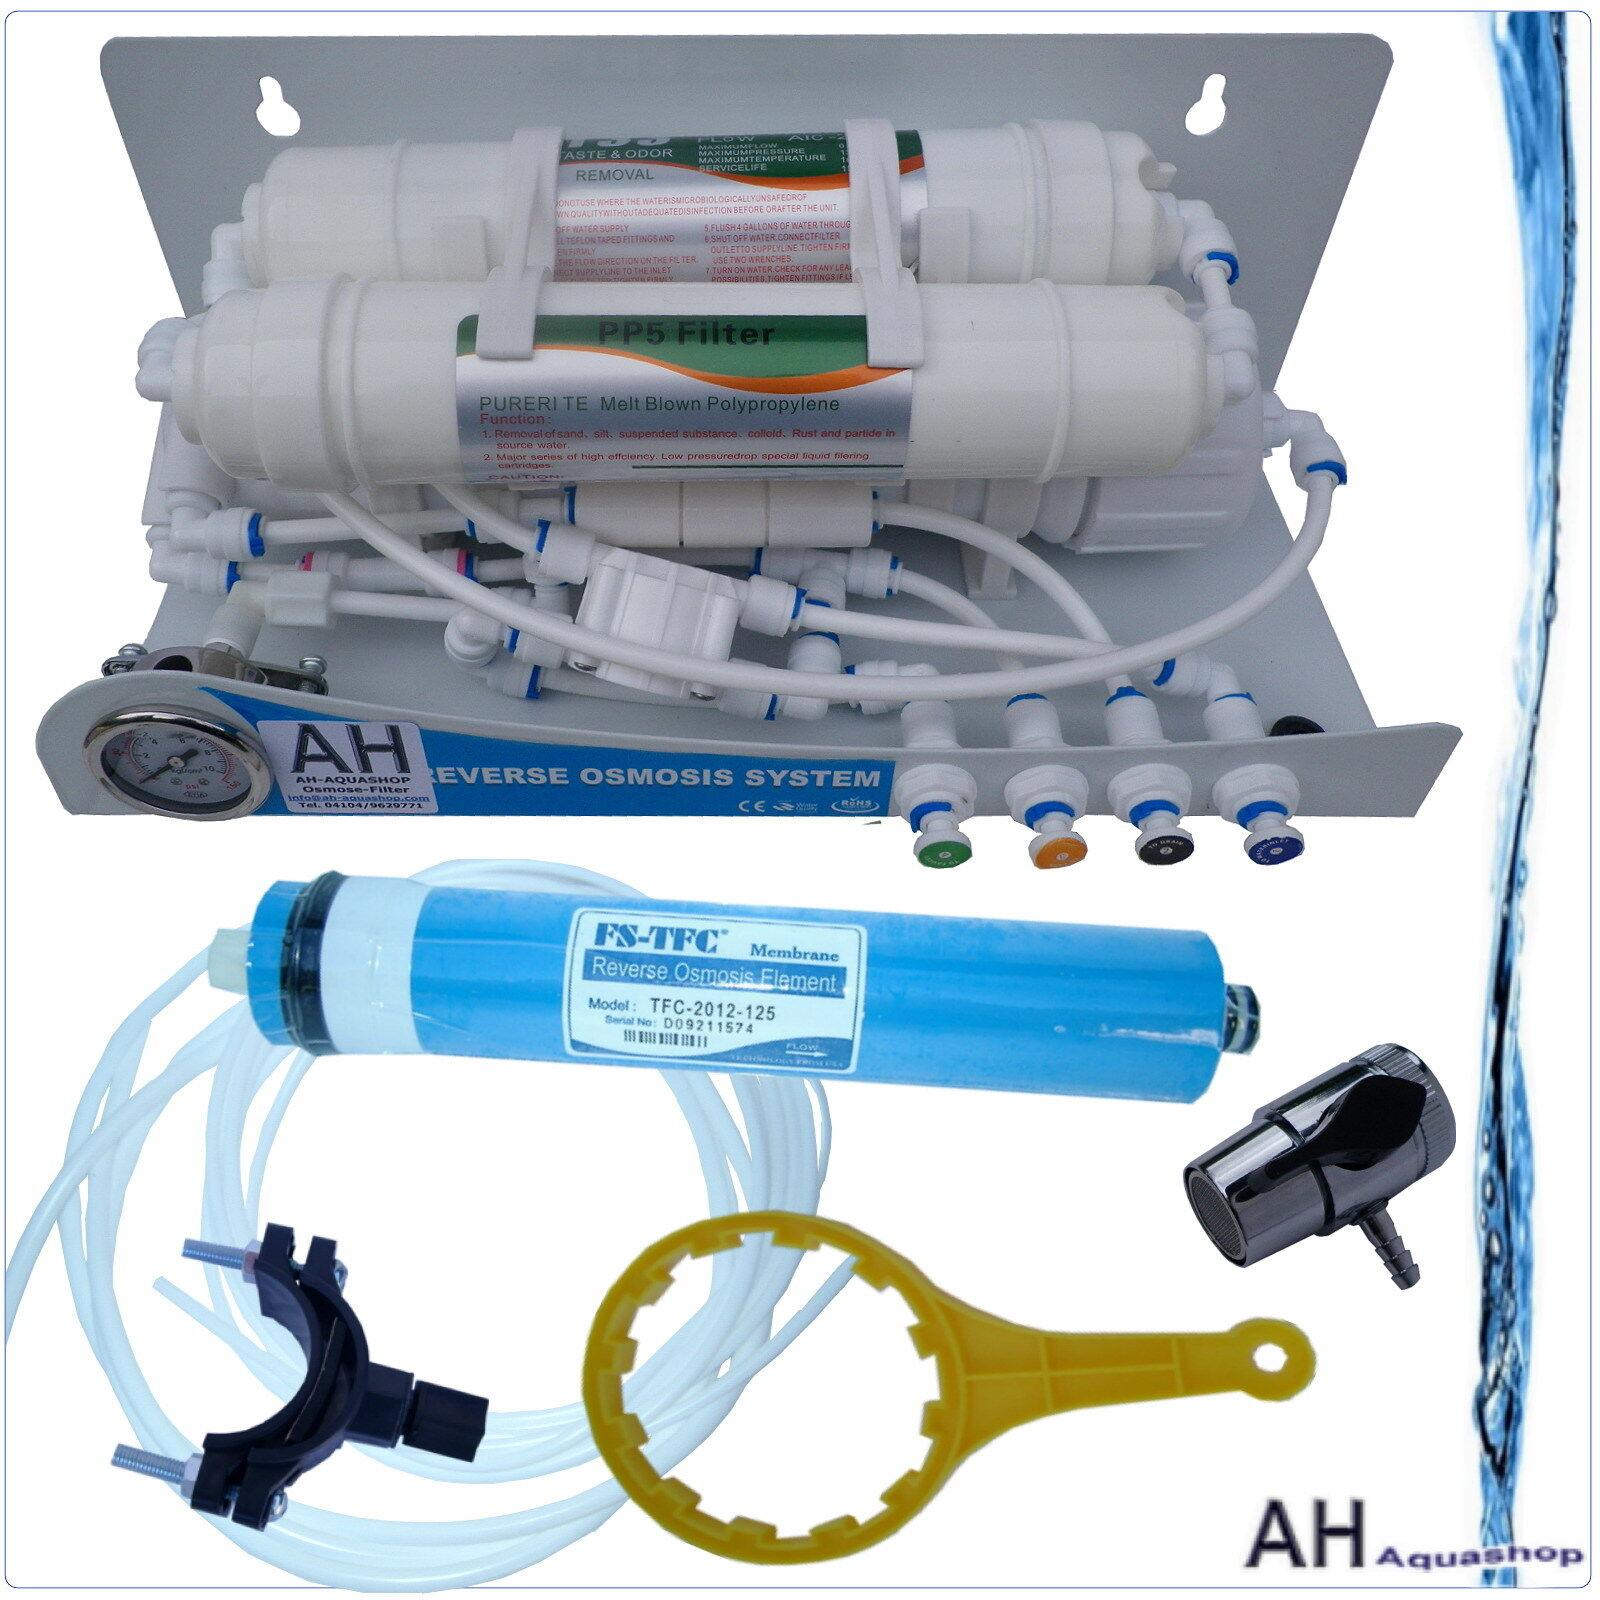 100 GPD par osmose inverse pièce jointe, réservoir, 3 niveaux, filtre à eau, manomètre, considère à repasser